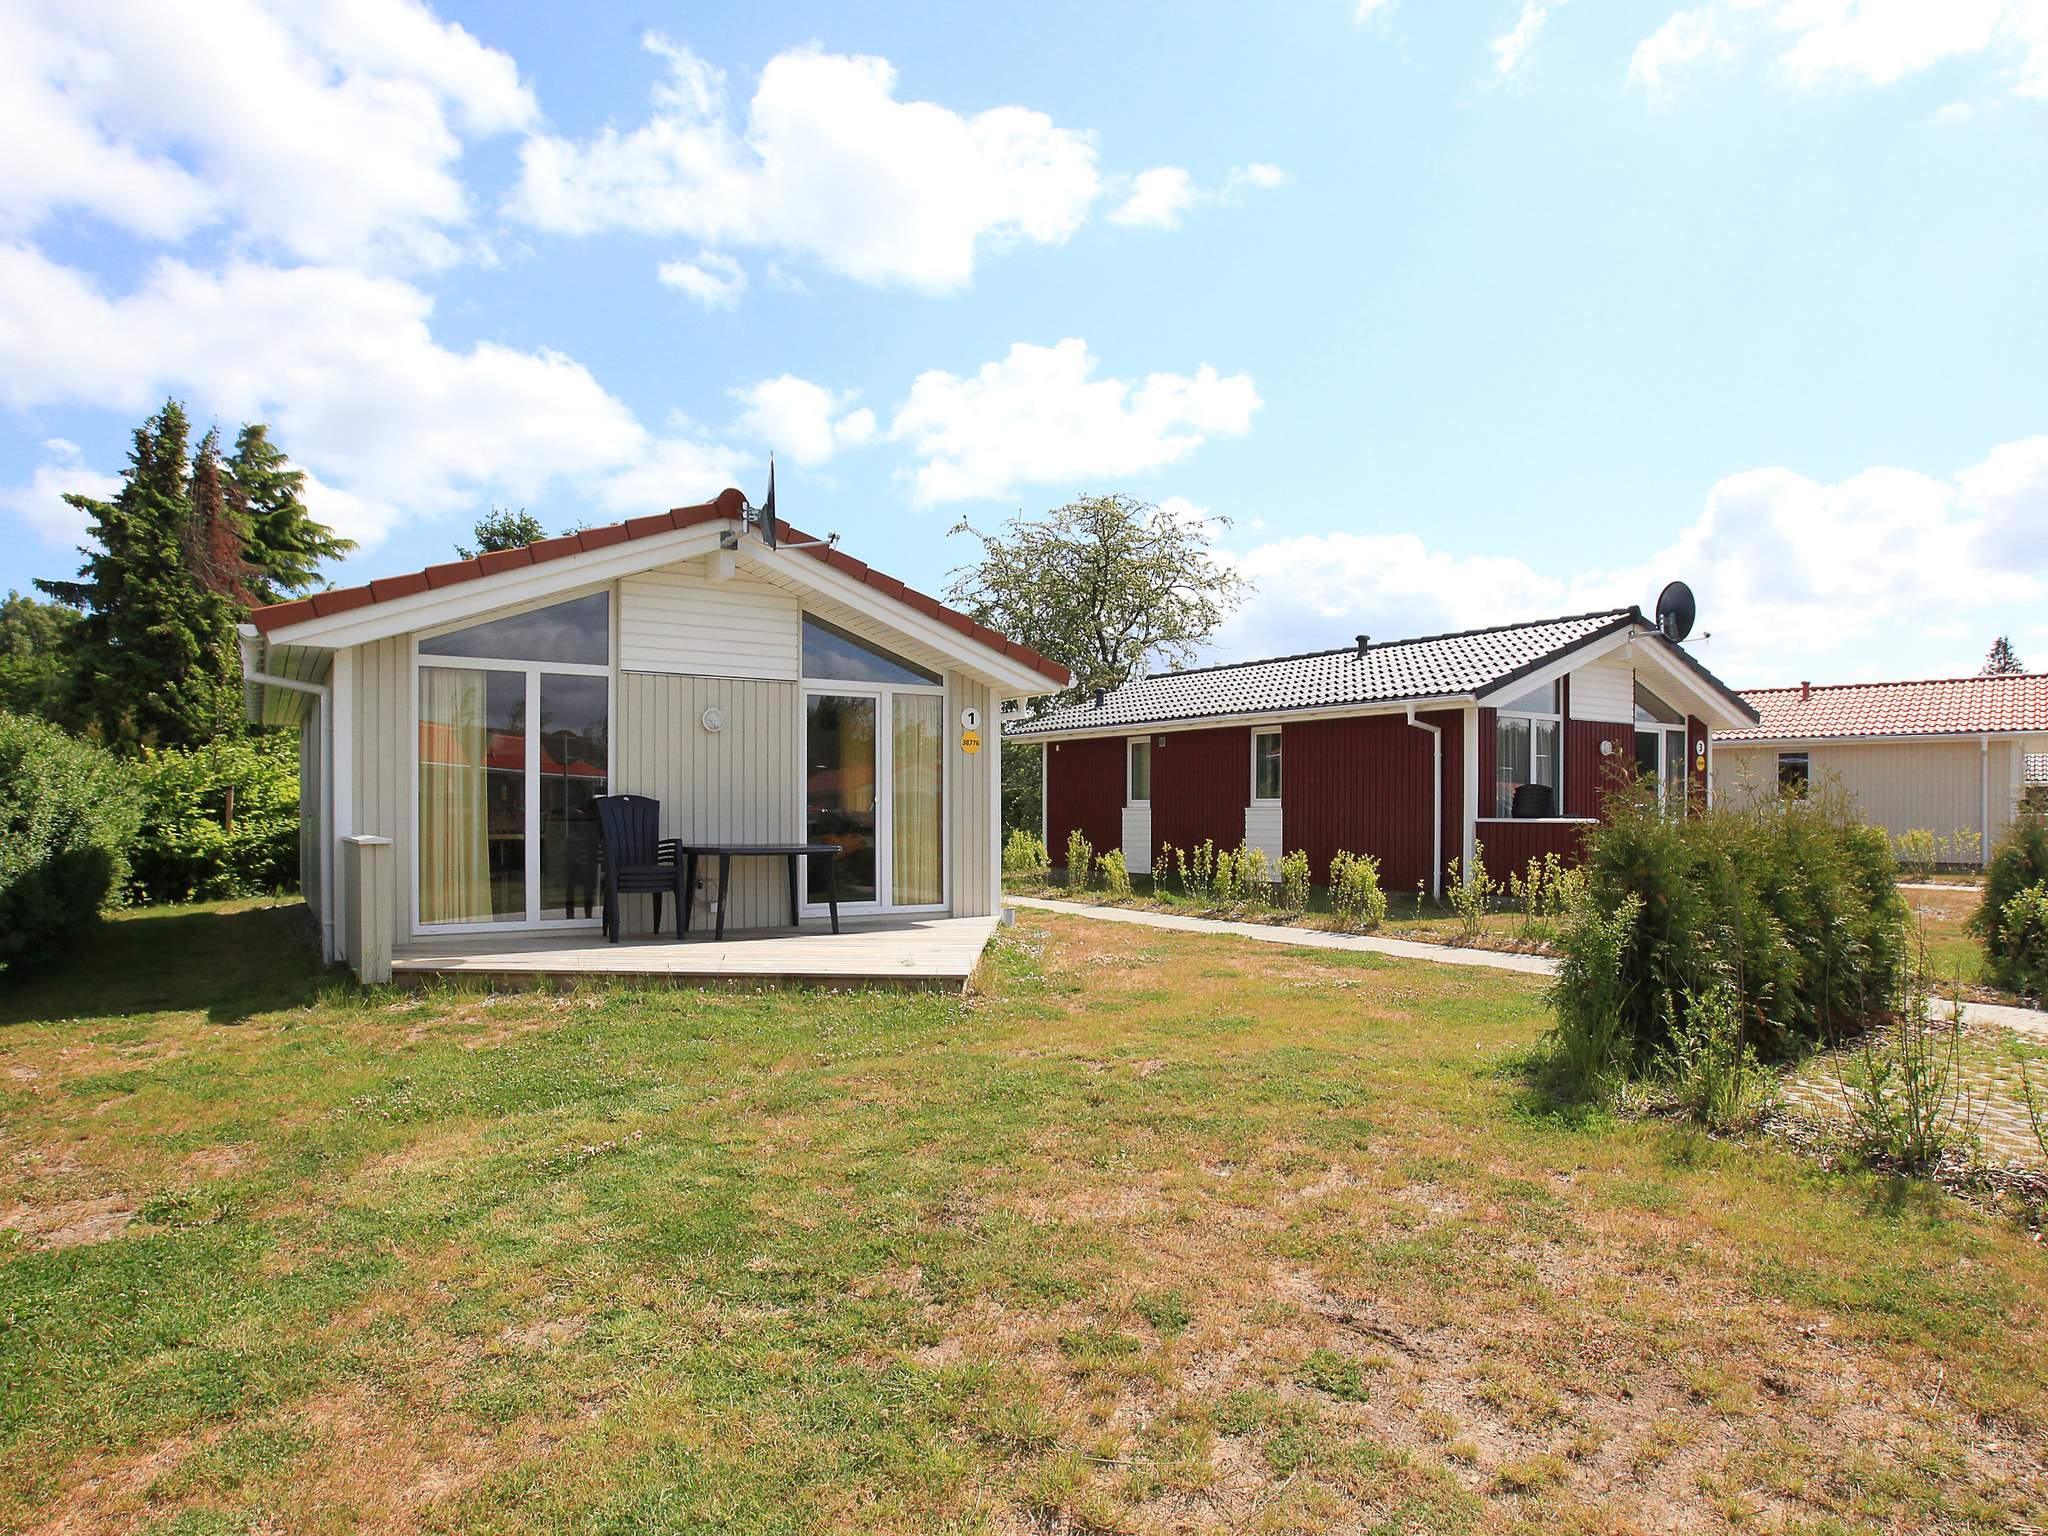 Maison de vacances Grömitz (433403), Grömitz, Baie de Lübeck, Schleswig-Holstein, Allemagne, image 12